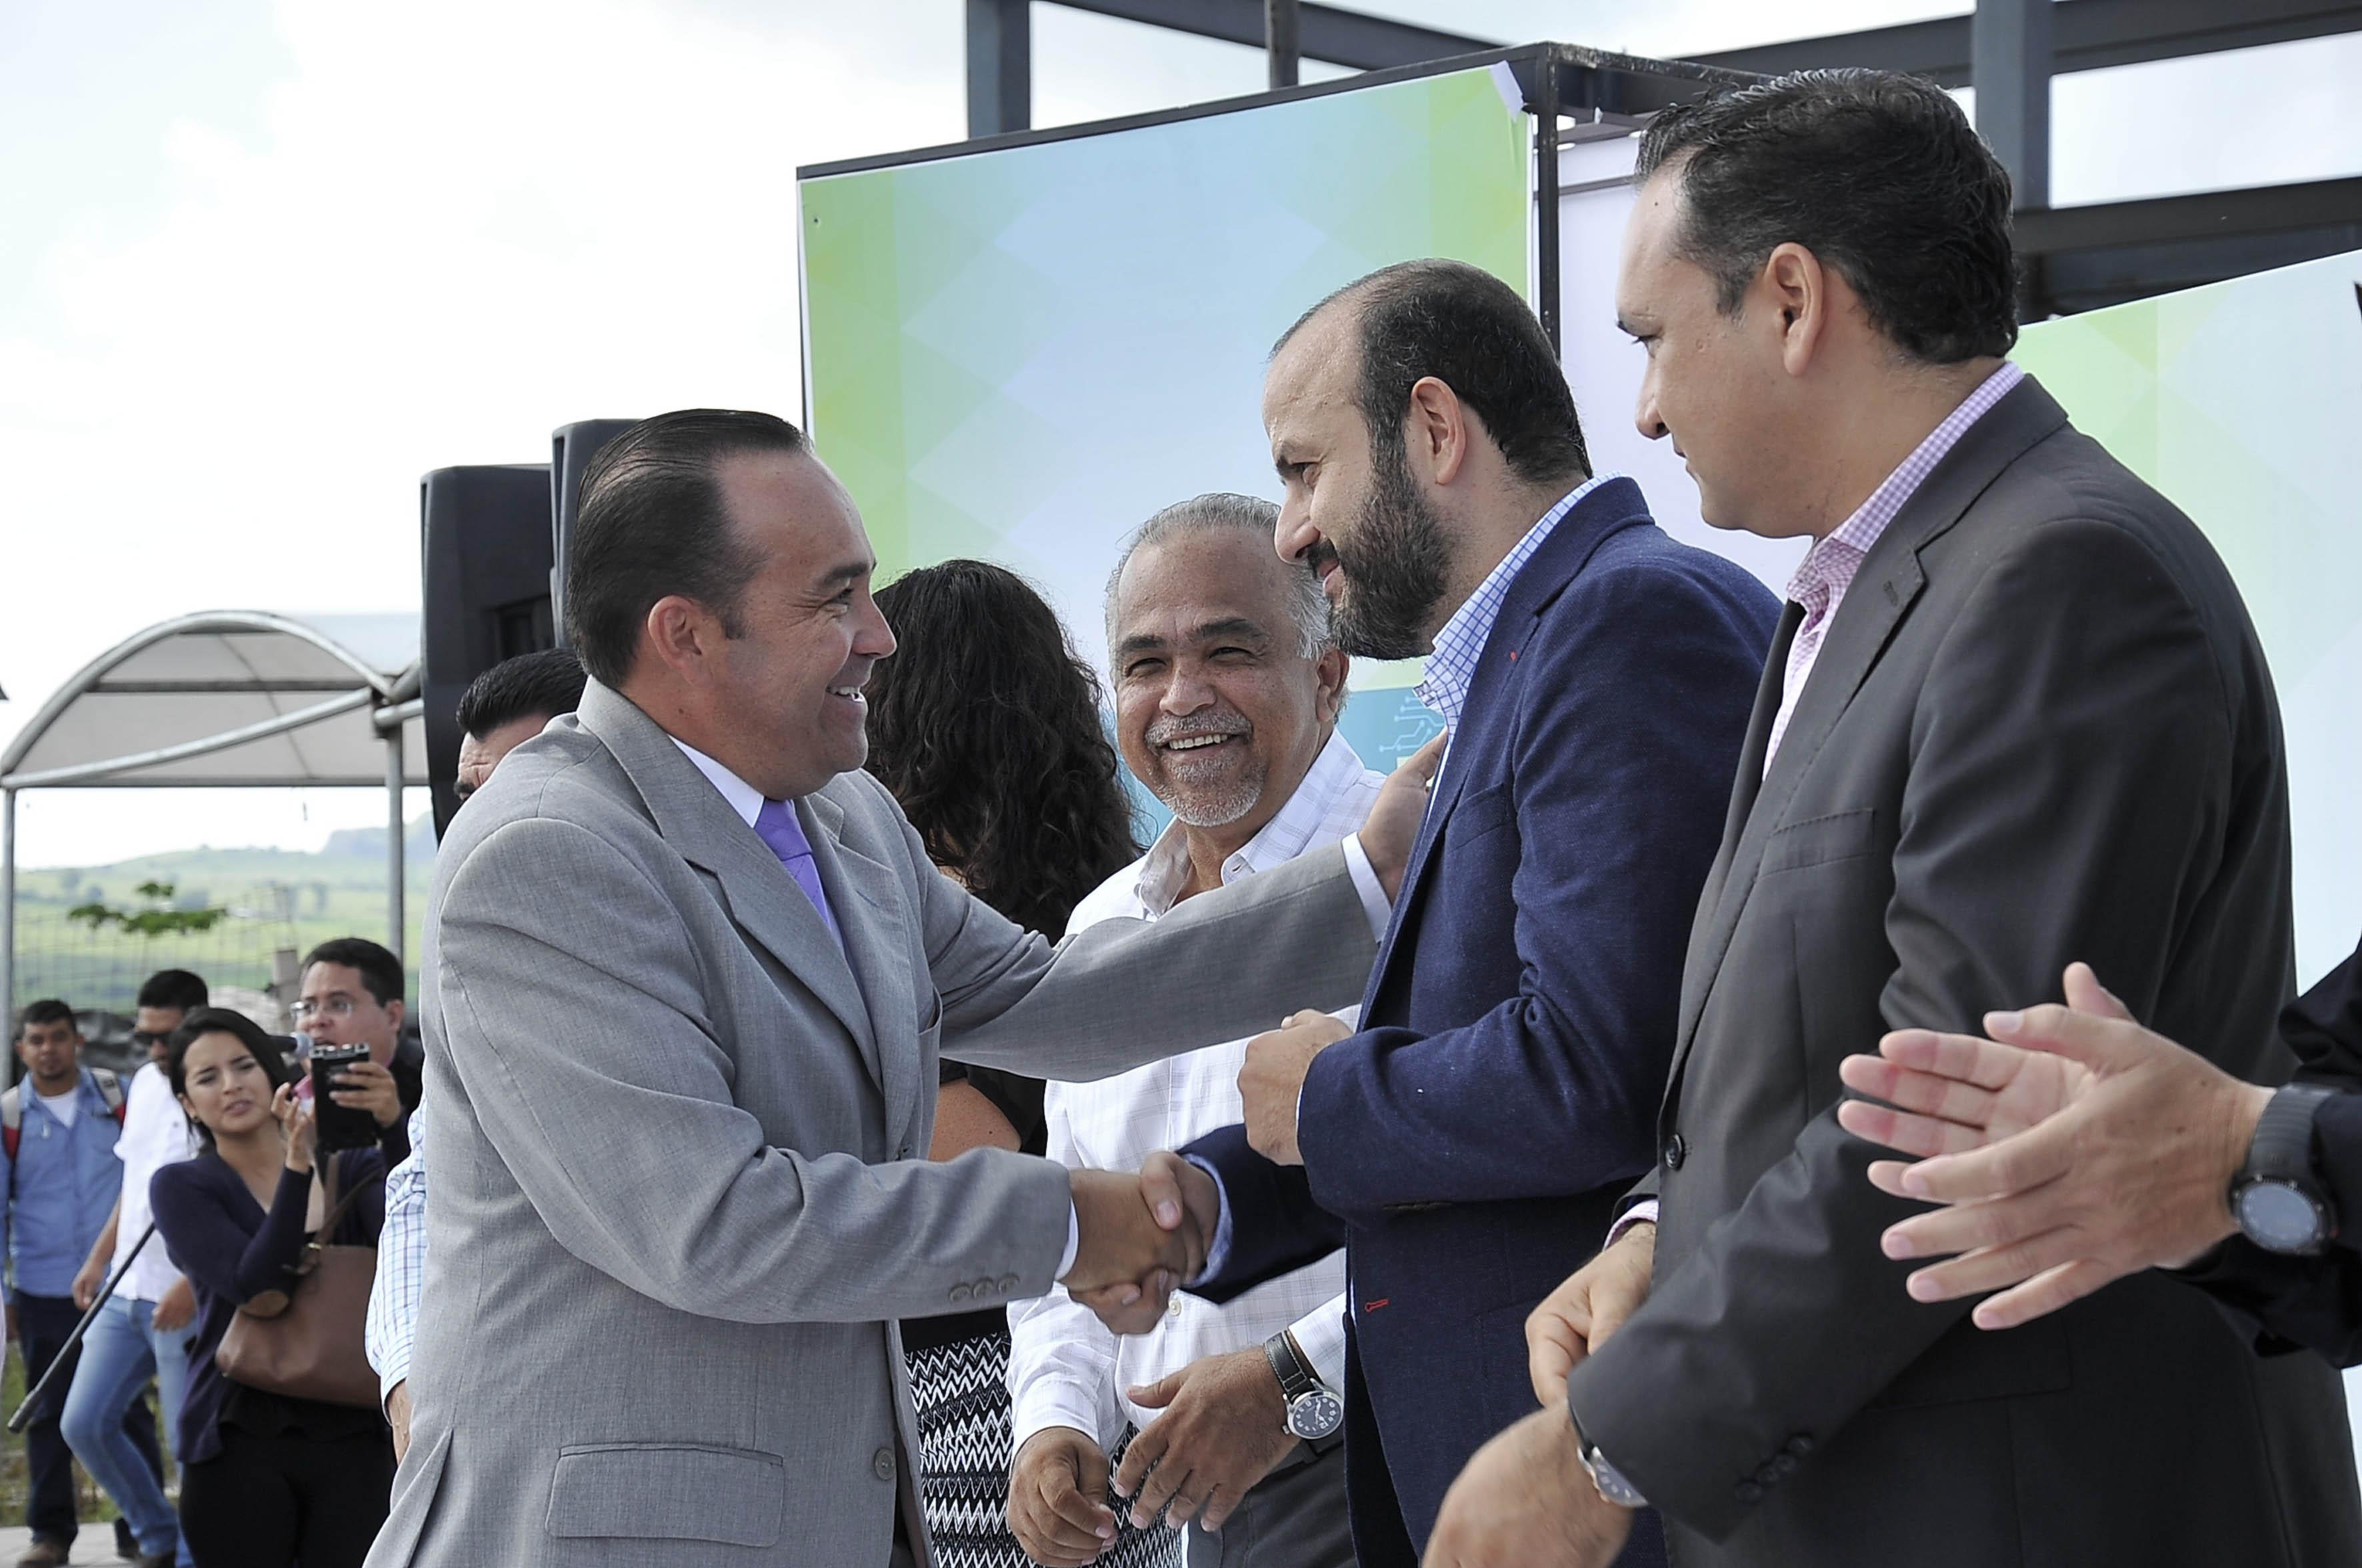 Presidente del municipio de tonalá Jalisco, felicitando con apretón de mano al Rector del CUTonalá, Doctor Ricardo Villanueva Lomelí.